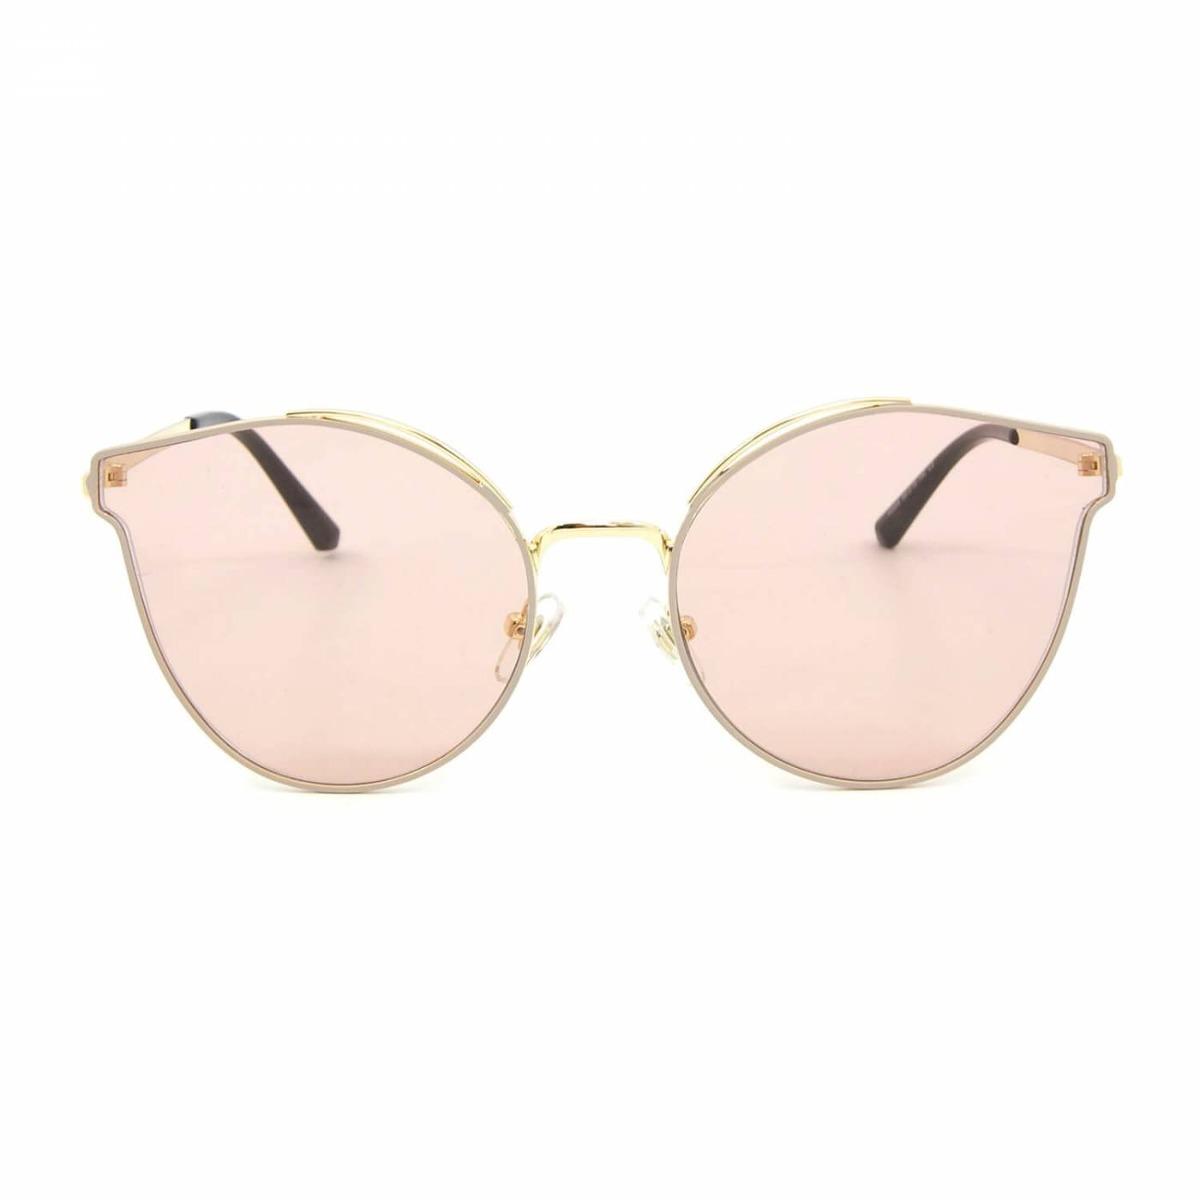 Óculos De Sol Gatinha Lente Transparente Rosa - R  106,90 em Mercado ... 997e27cb2d